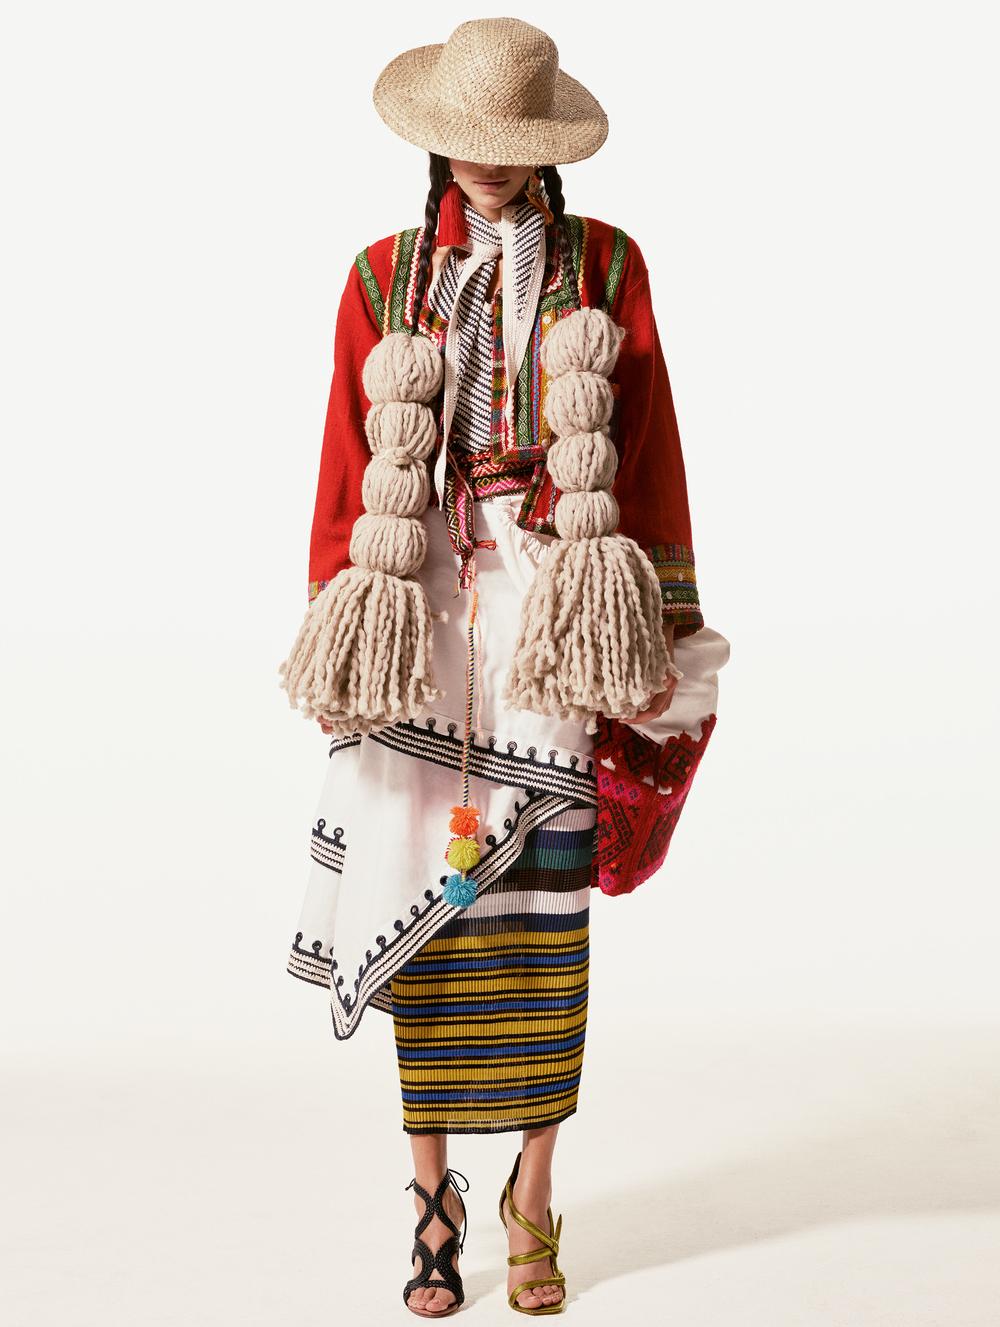 Falda blanca y camisa de  ROSIE ASSOULIN , vestido de  MISSONI , chaqueta peruana, pantalones tejidos chiapanecos, sombrero vintage, arete color rojo de  LANVIN  en Albright Fashion Library, arete dorado de  MERCEDES SALAZAR . En pie derecho: sandalia de  FRANCESO RUSSO , en pie izquierdo: sandalia de  JIMMY CHOO